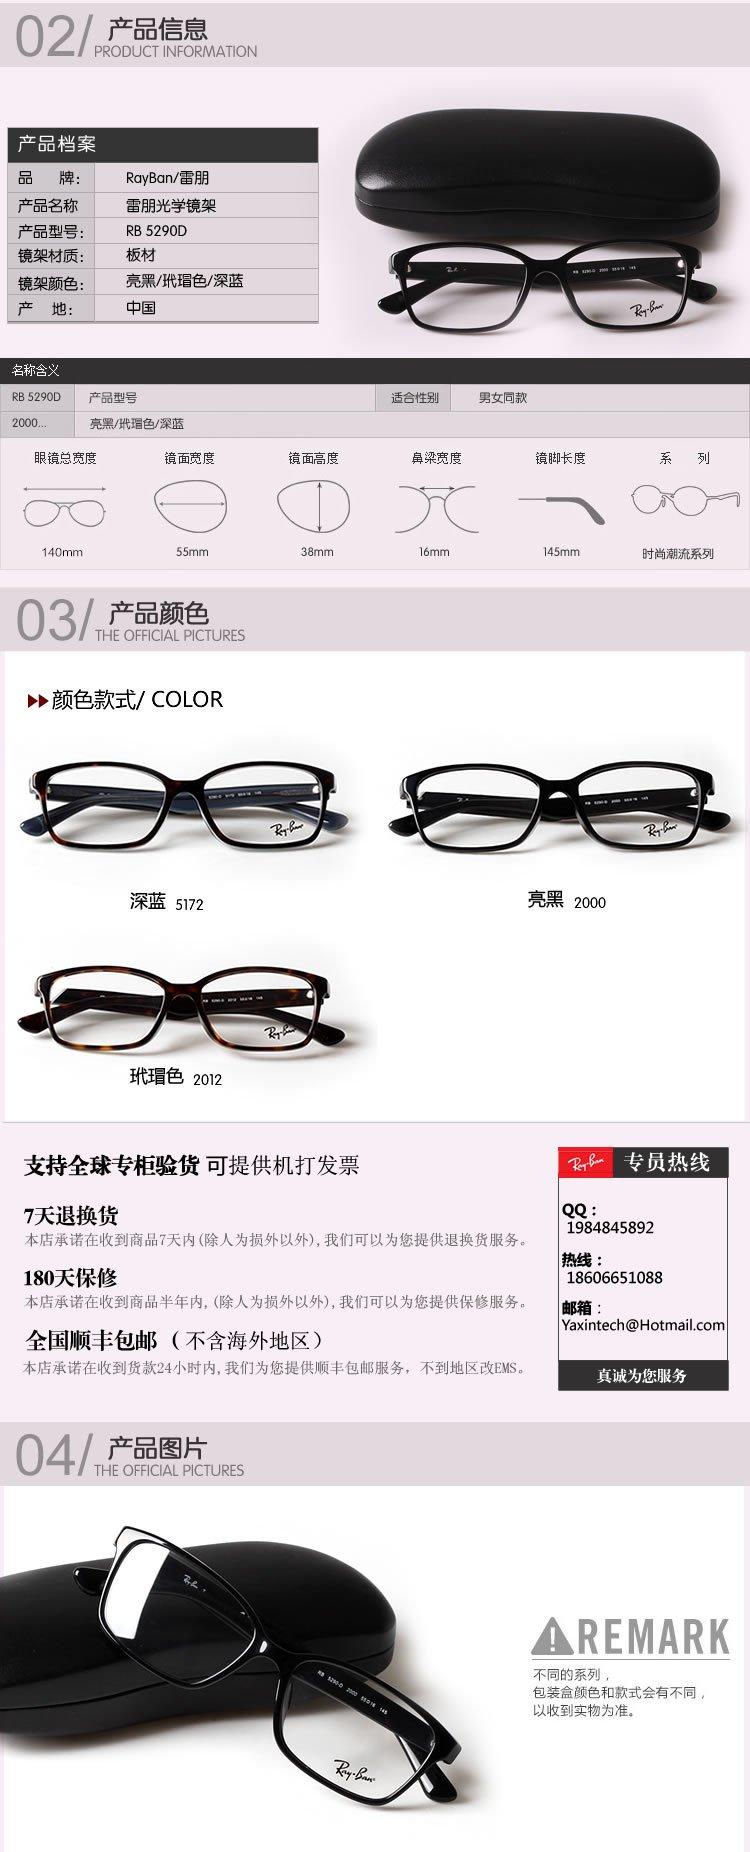 Ray-Ban 雷朋 眼镜框男女款板材近视光学眼镜架RX5290D